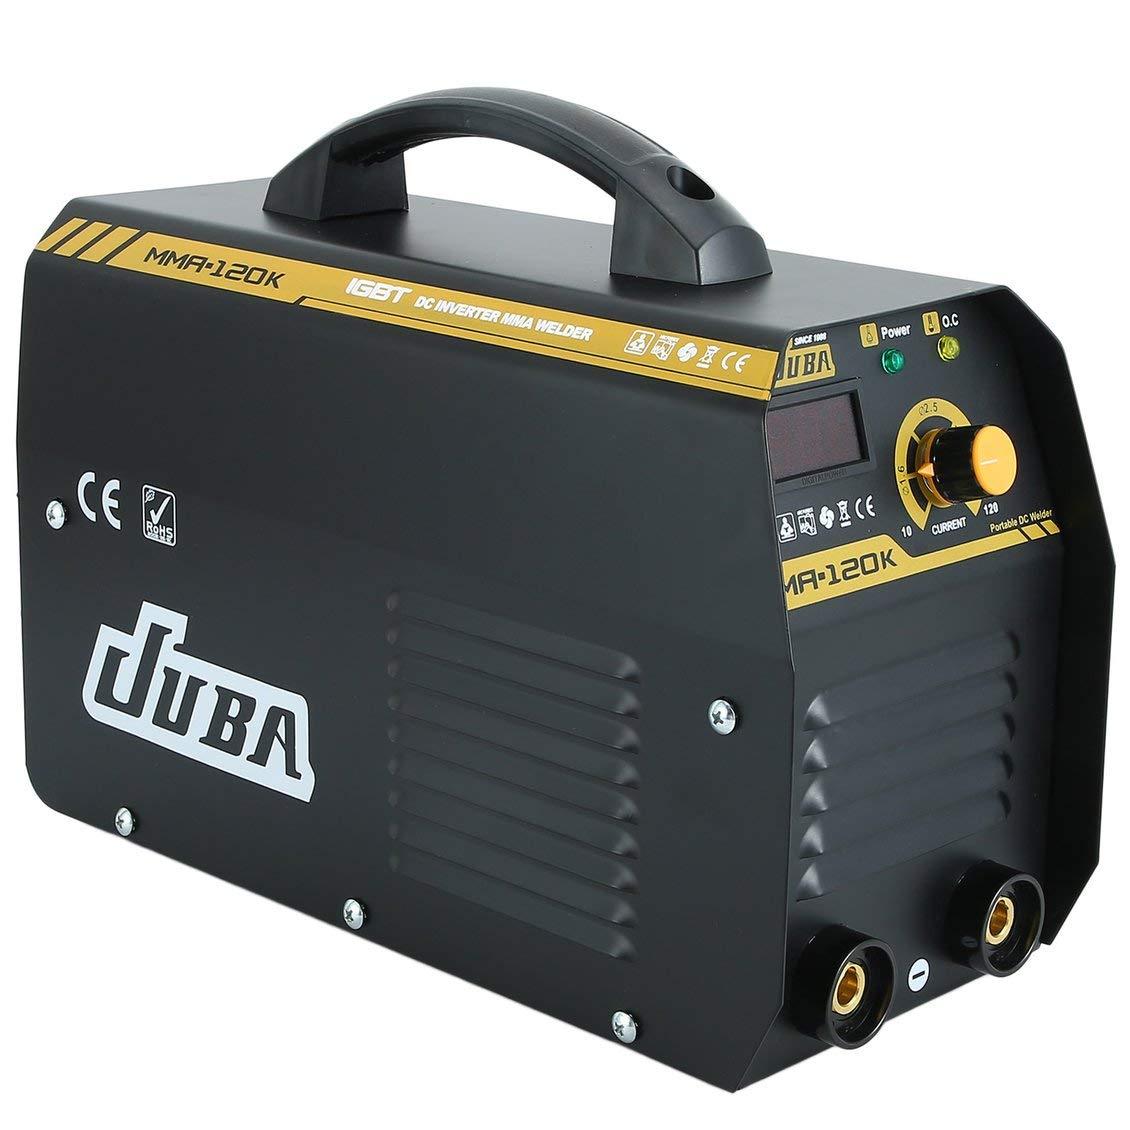 MMA-120 IGBT Electrodos Máquina soldadora inversora Máquina soldadora eléctrica profesional Equipo de soldadura MMA Socket de la UE: Amazon.es: Bricolaje y ...